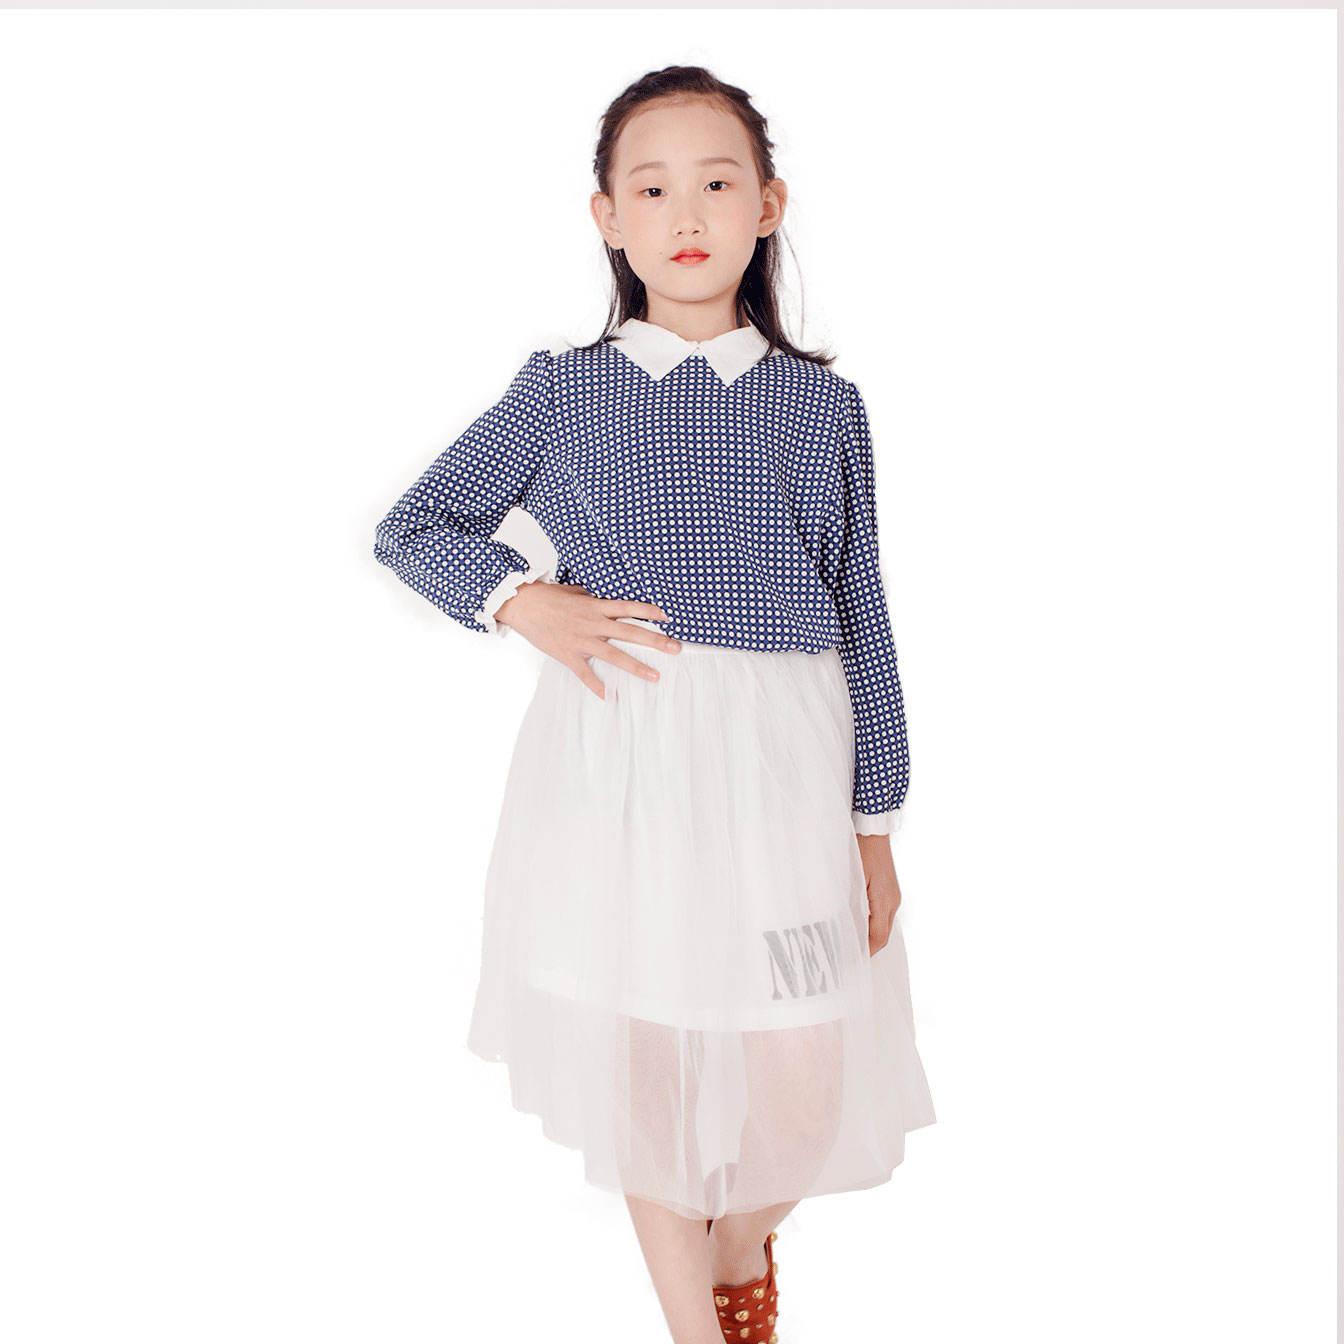 2021 الربيع والخريف النسخة الكورية <span class=keywords><strong>بوتيك</strong></span> بسيطة وأنيقة الأزرق و نقاط بيضاء قميص طويل الأكمام و تنورة الحجاب الأبيض مجموعة